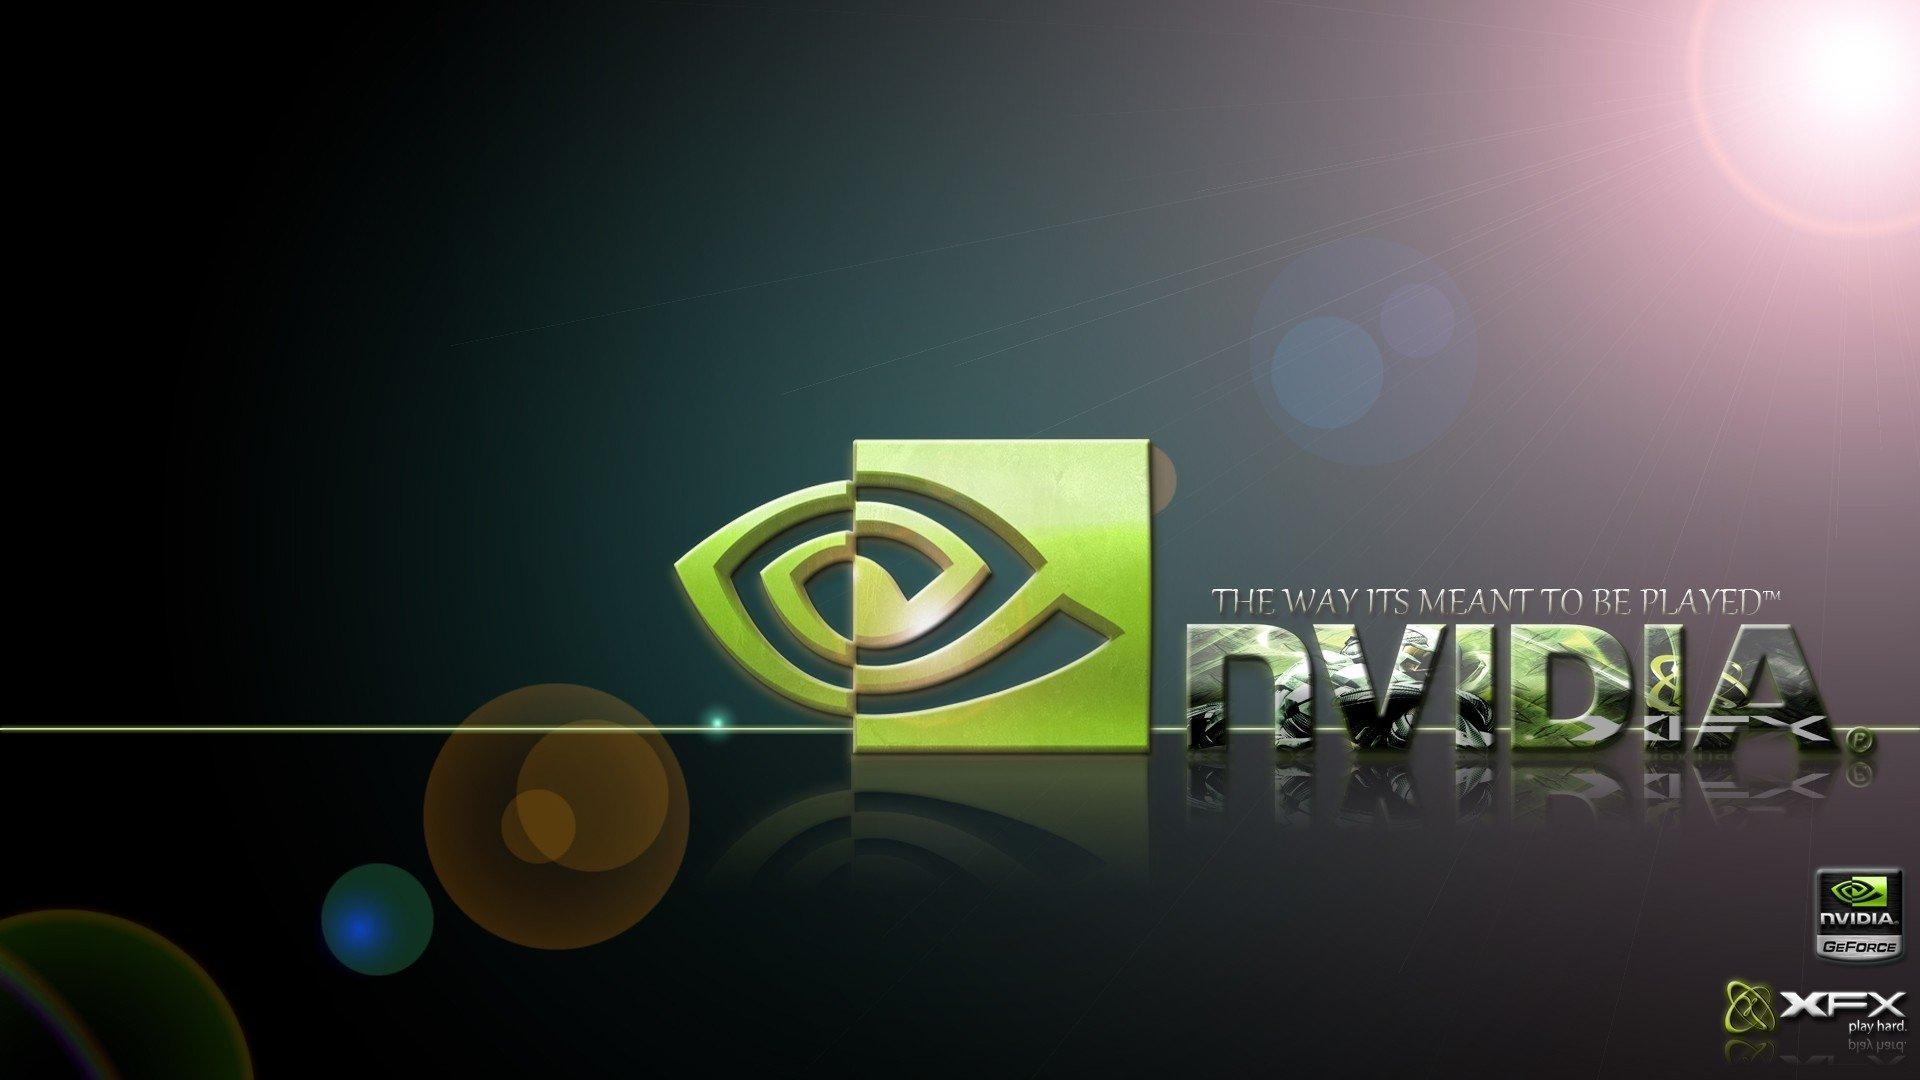 Nvidia full hd fond d 39 cran and arri re plan 1920x1080 - 1920x1080 wallpaper nvidia ...